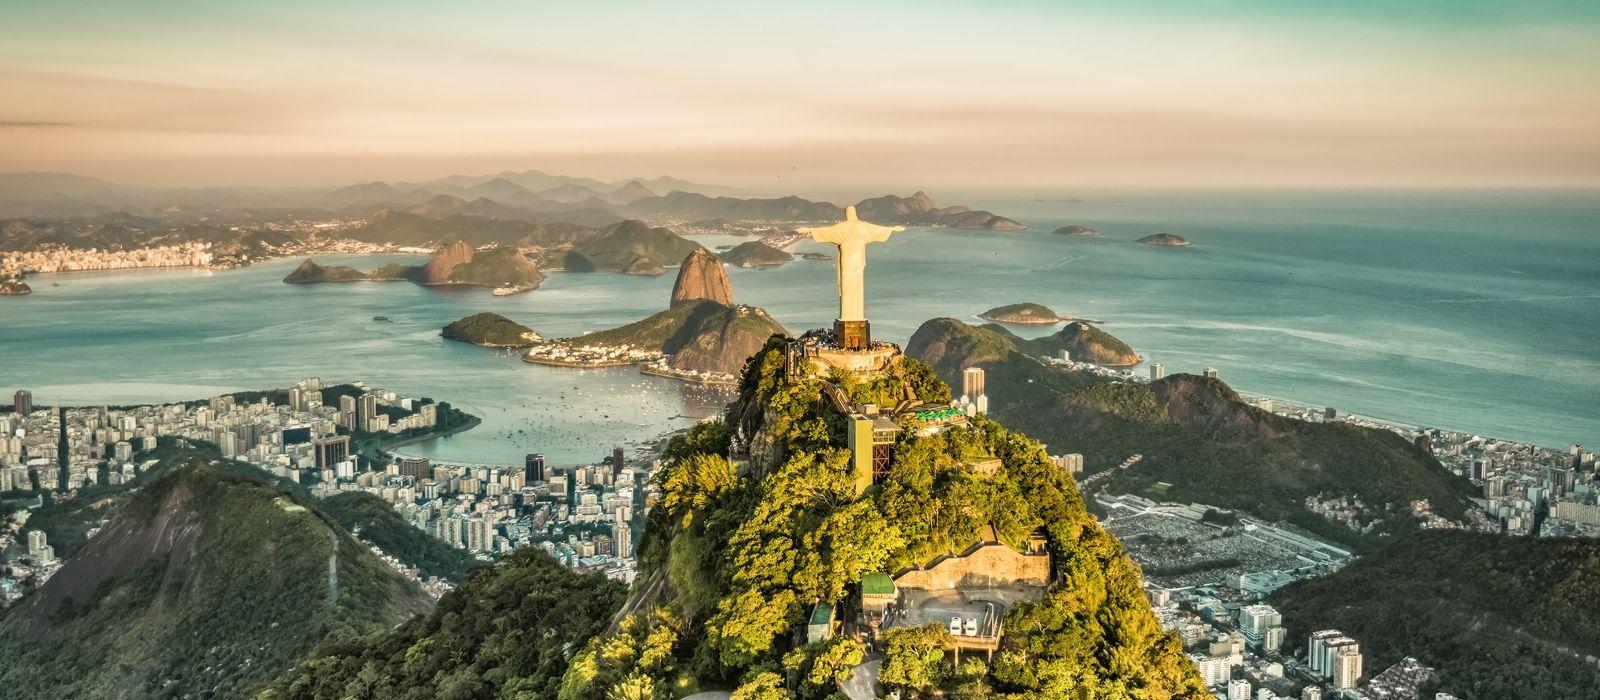 Rio de Janeiro Brazil Tour - Brazil Holidays